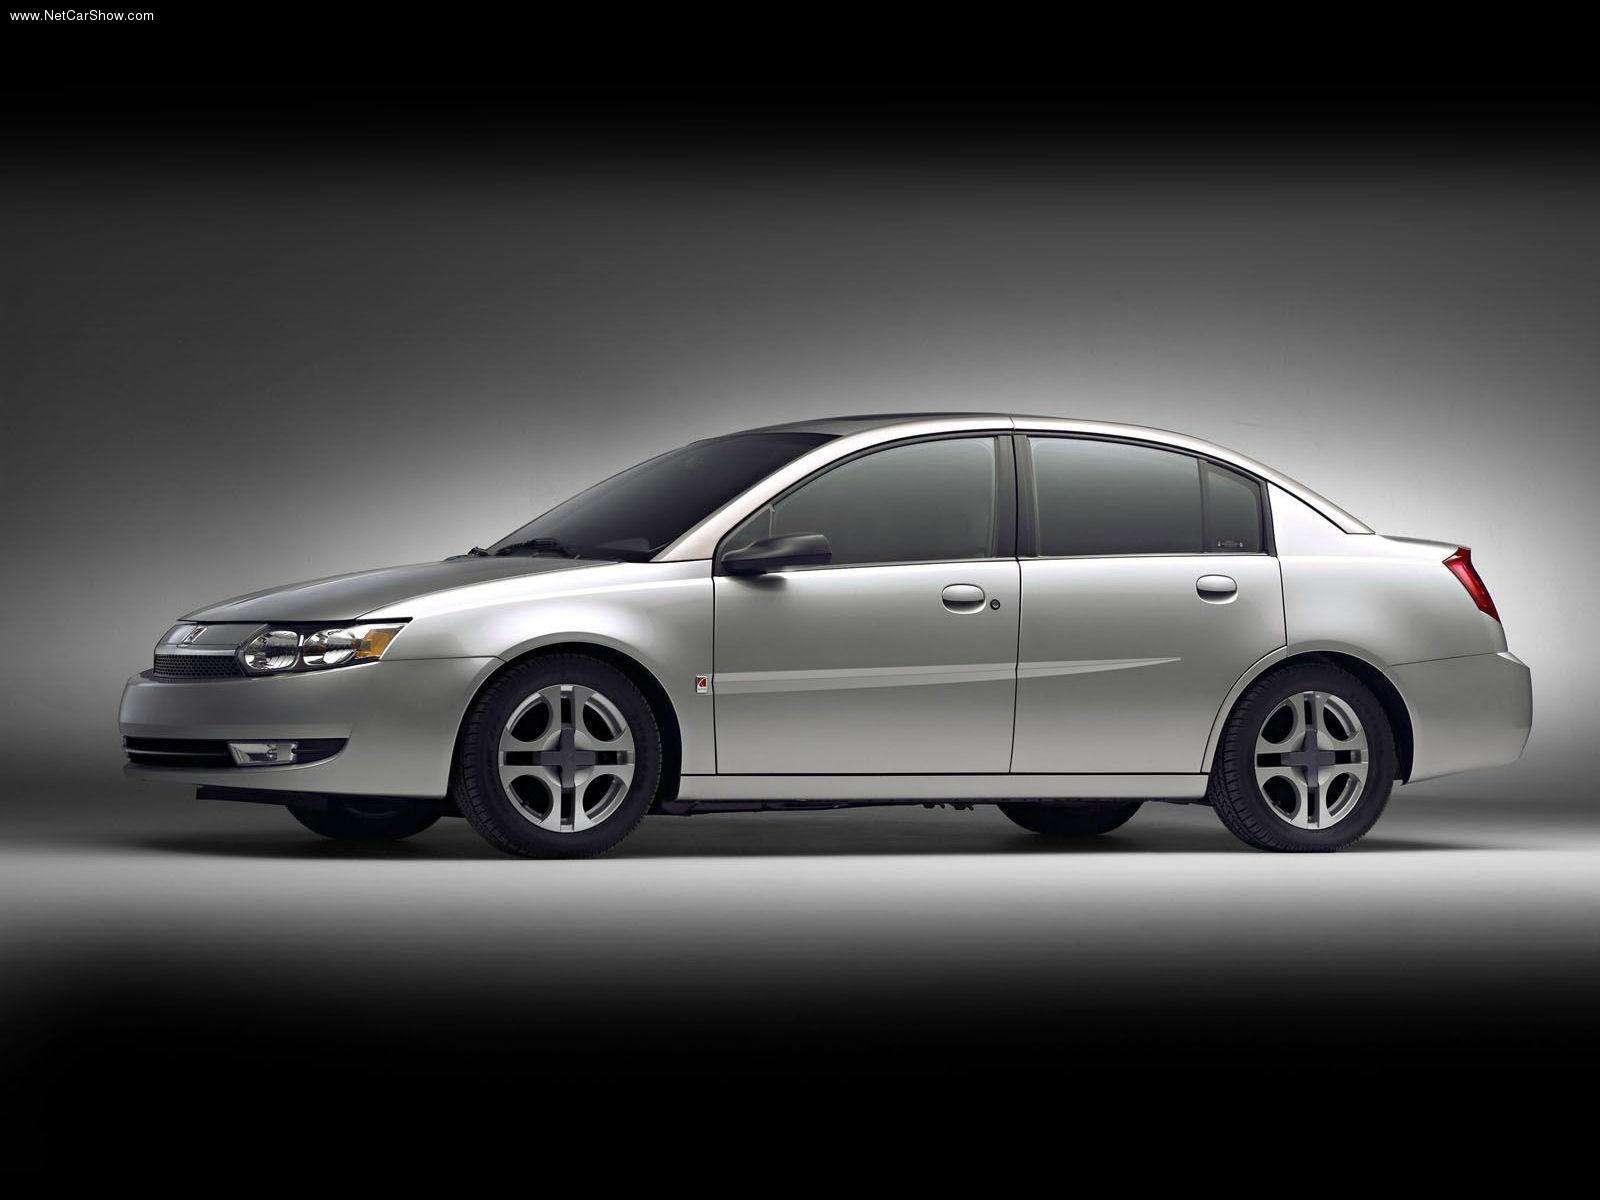 Hình ảnh xe ô tô Saturn ION Sedan 2003 & nội ngoại thất